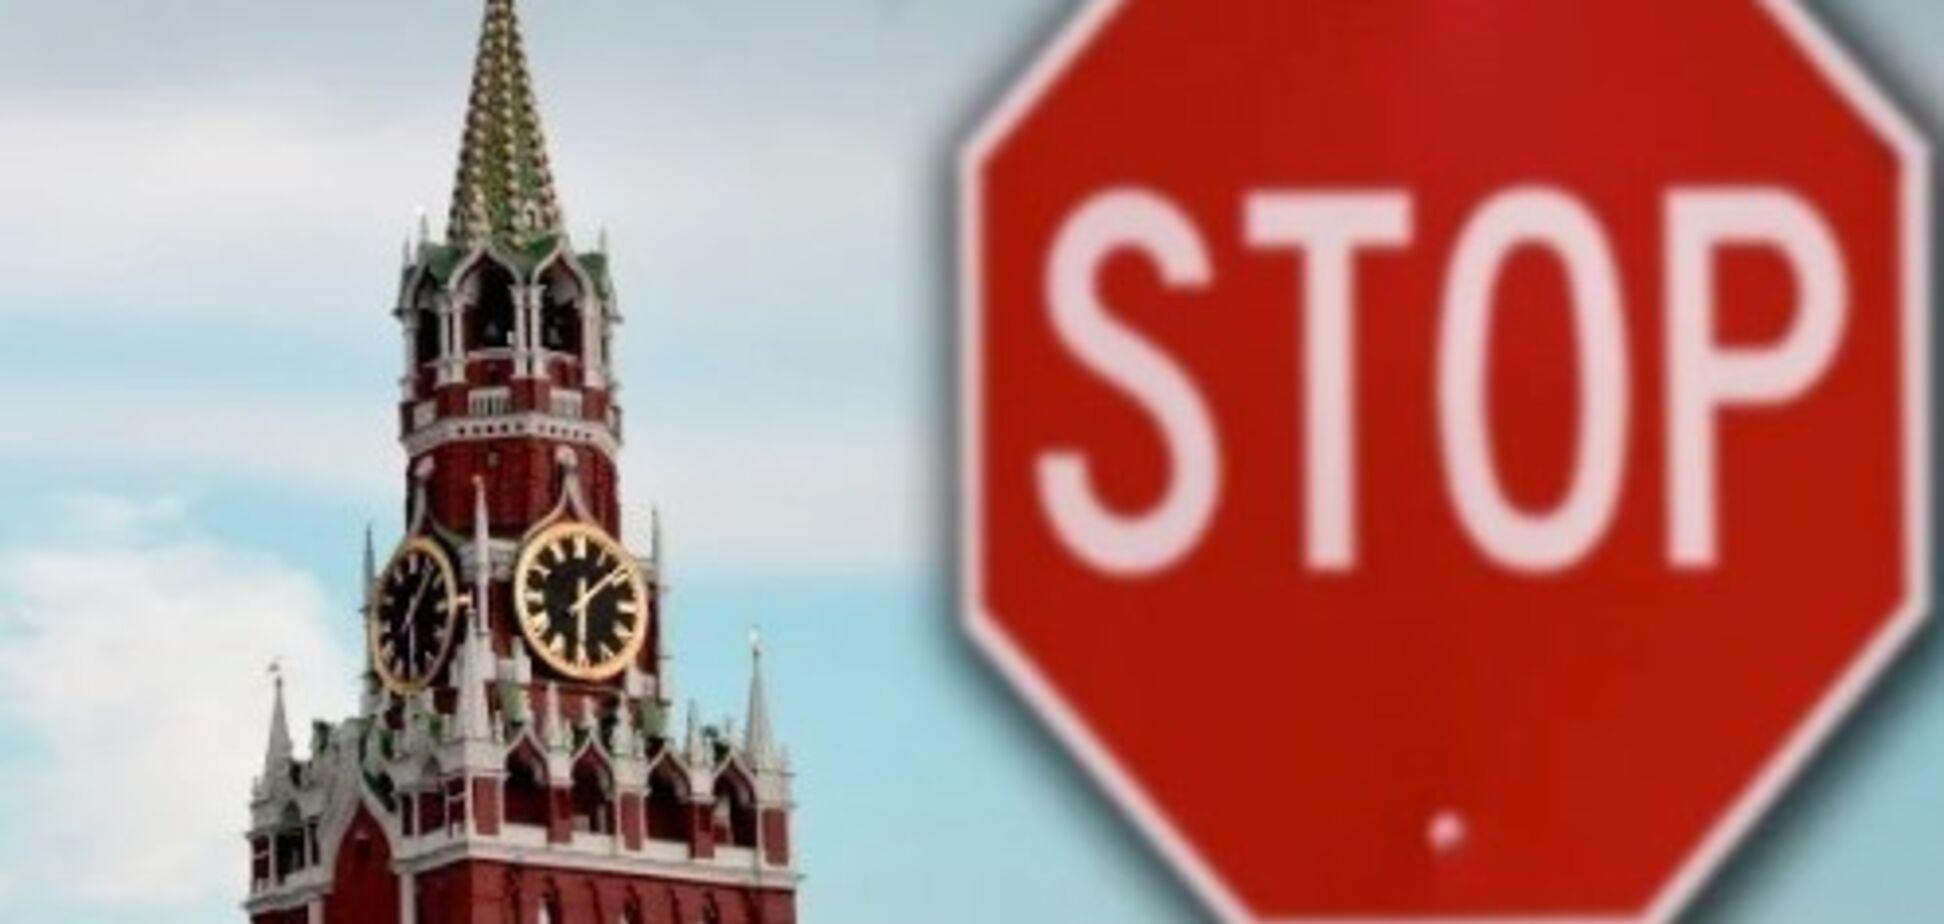 'Терпение лопнуло': анонсирован серьезный удар Запада по России